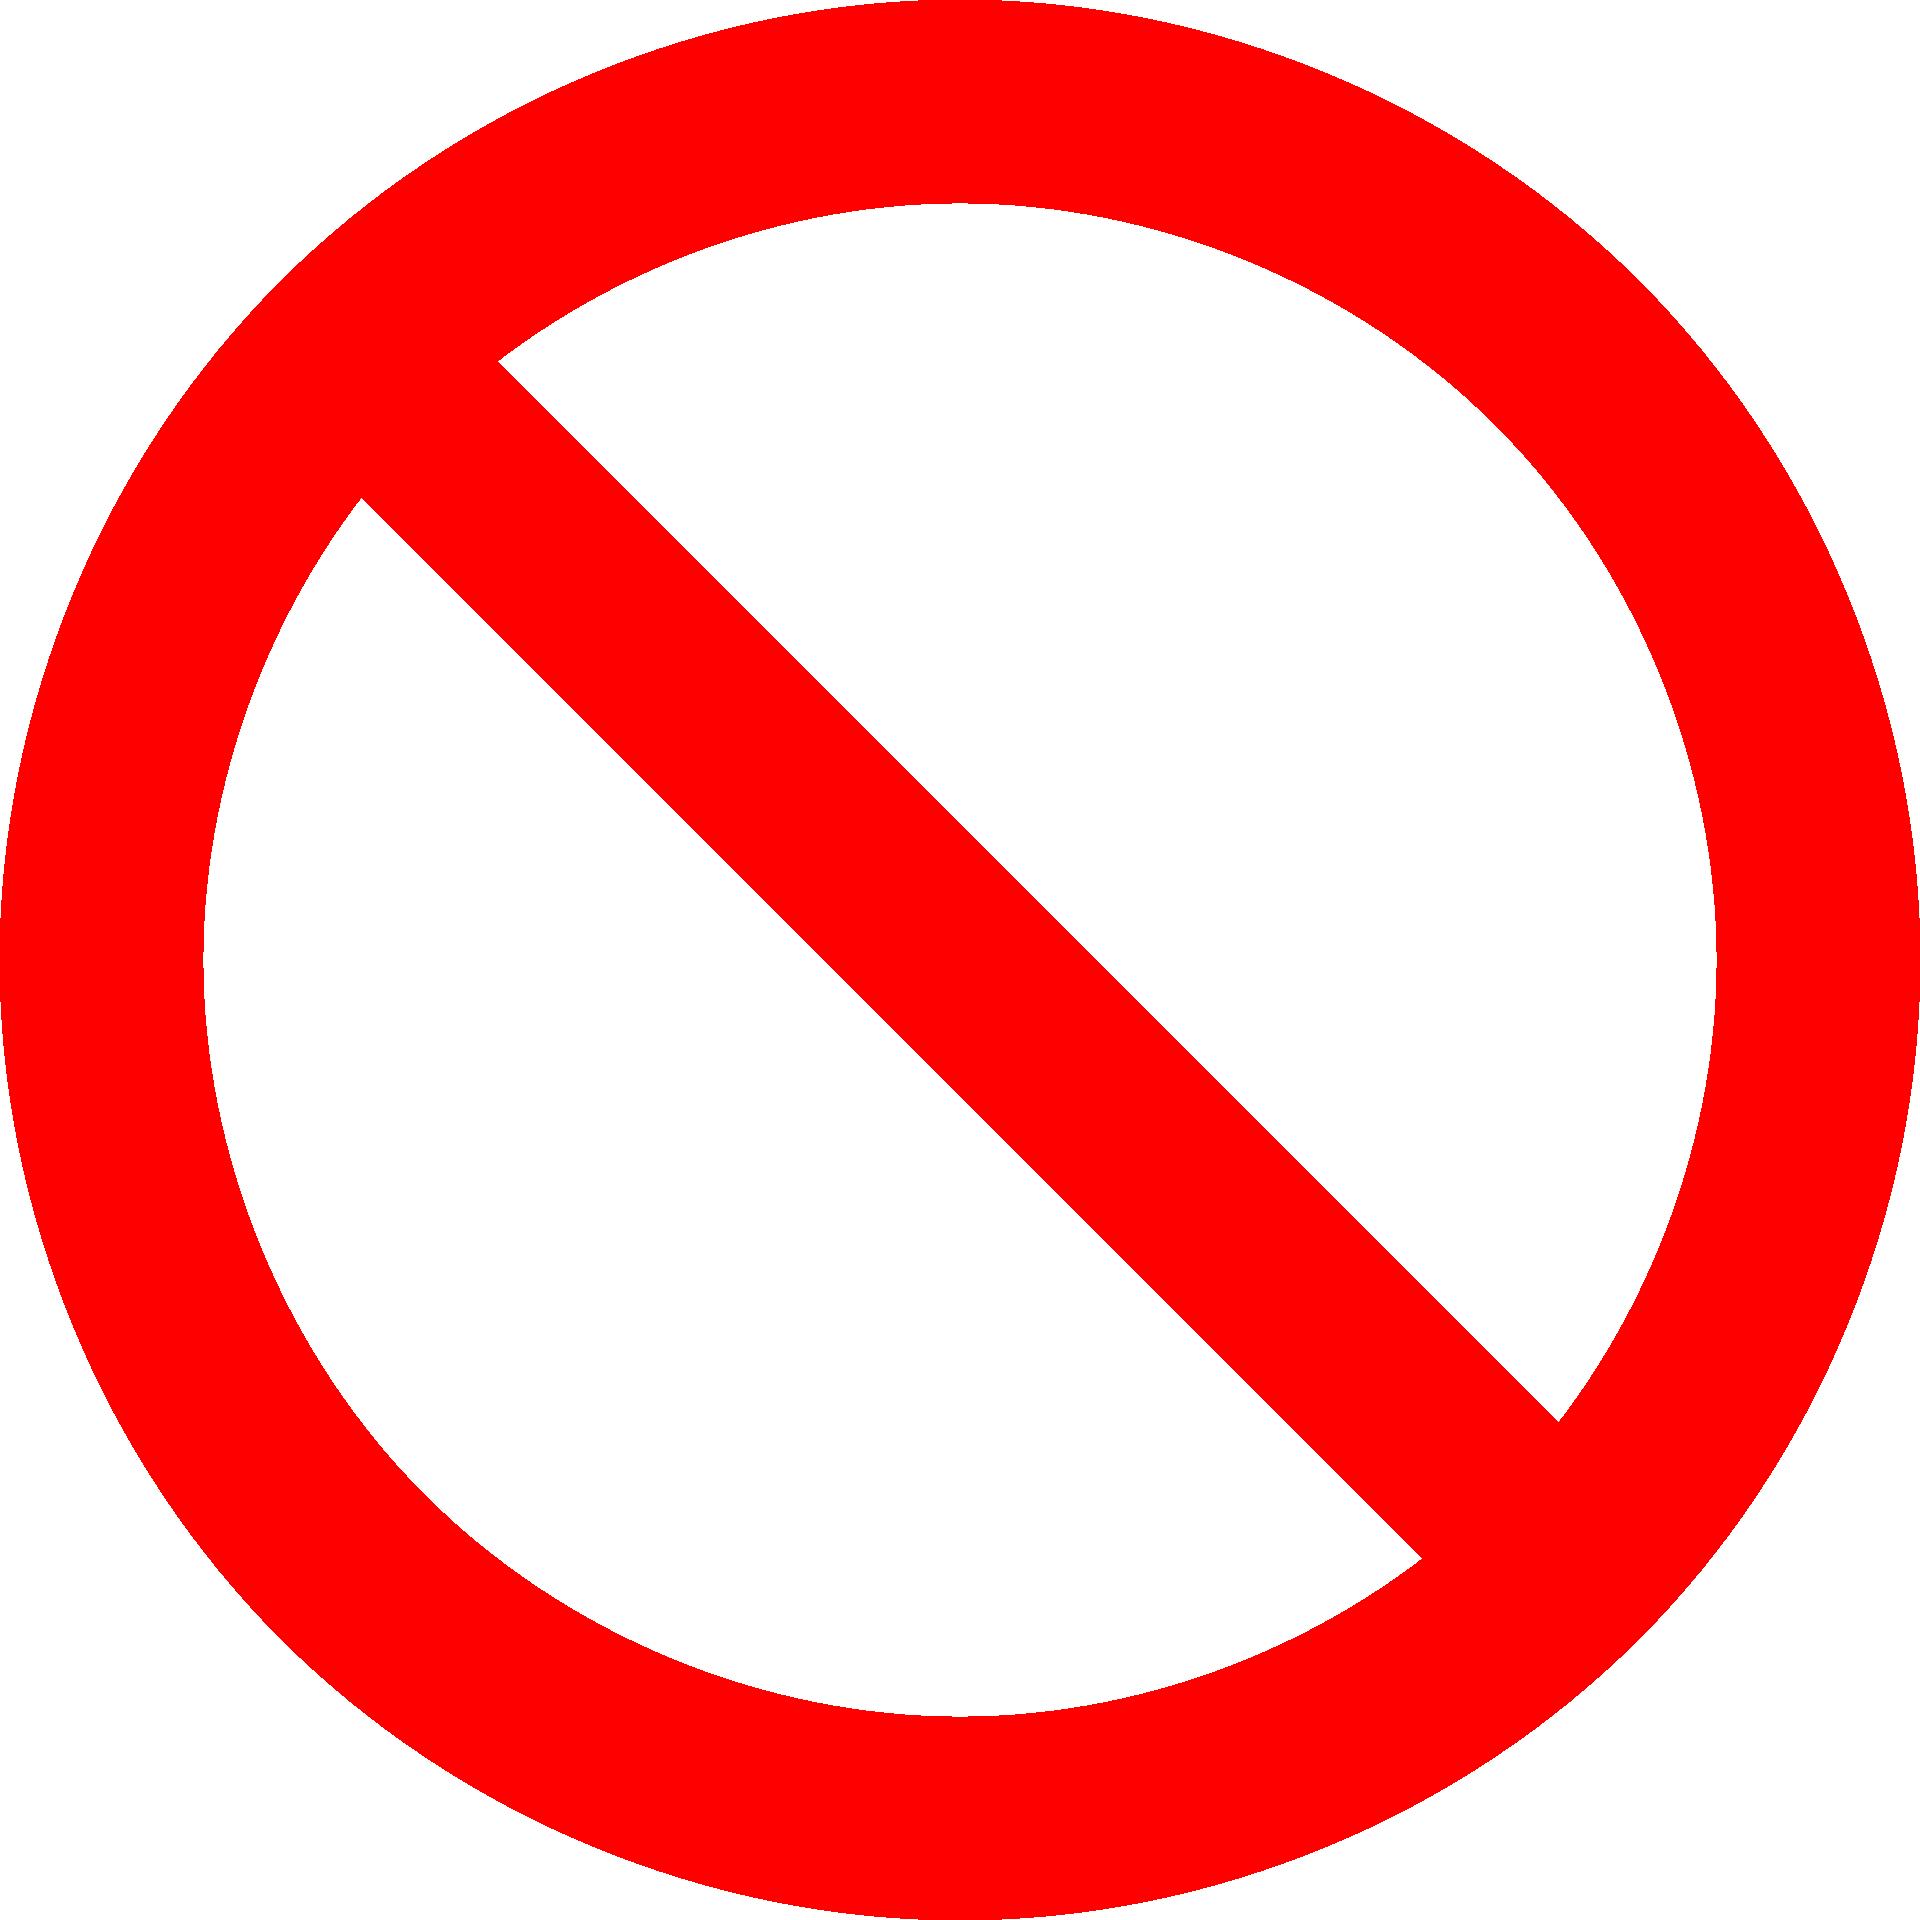 Картинки с надписей запрещено, открыток